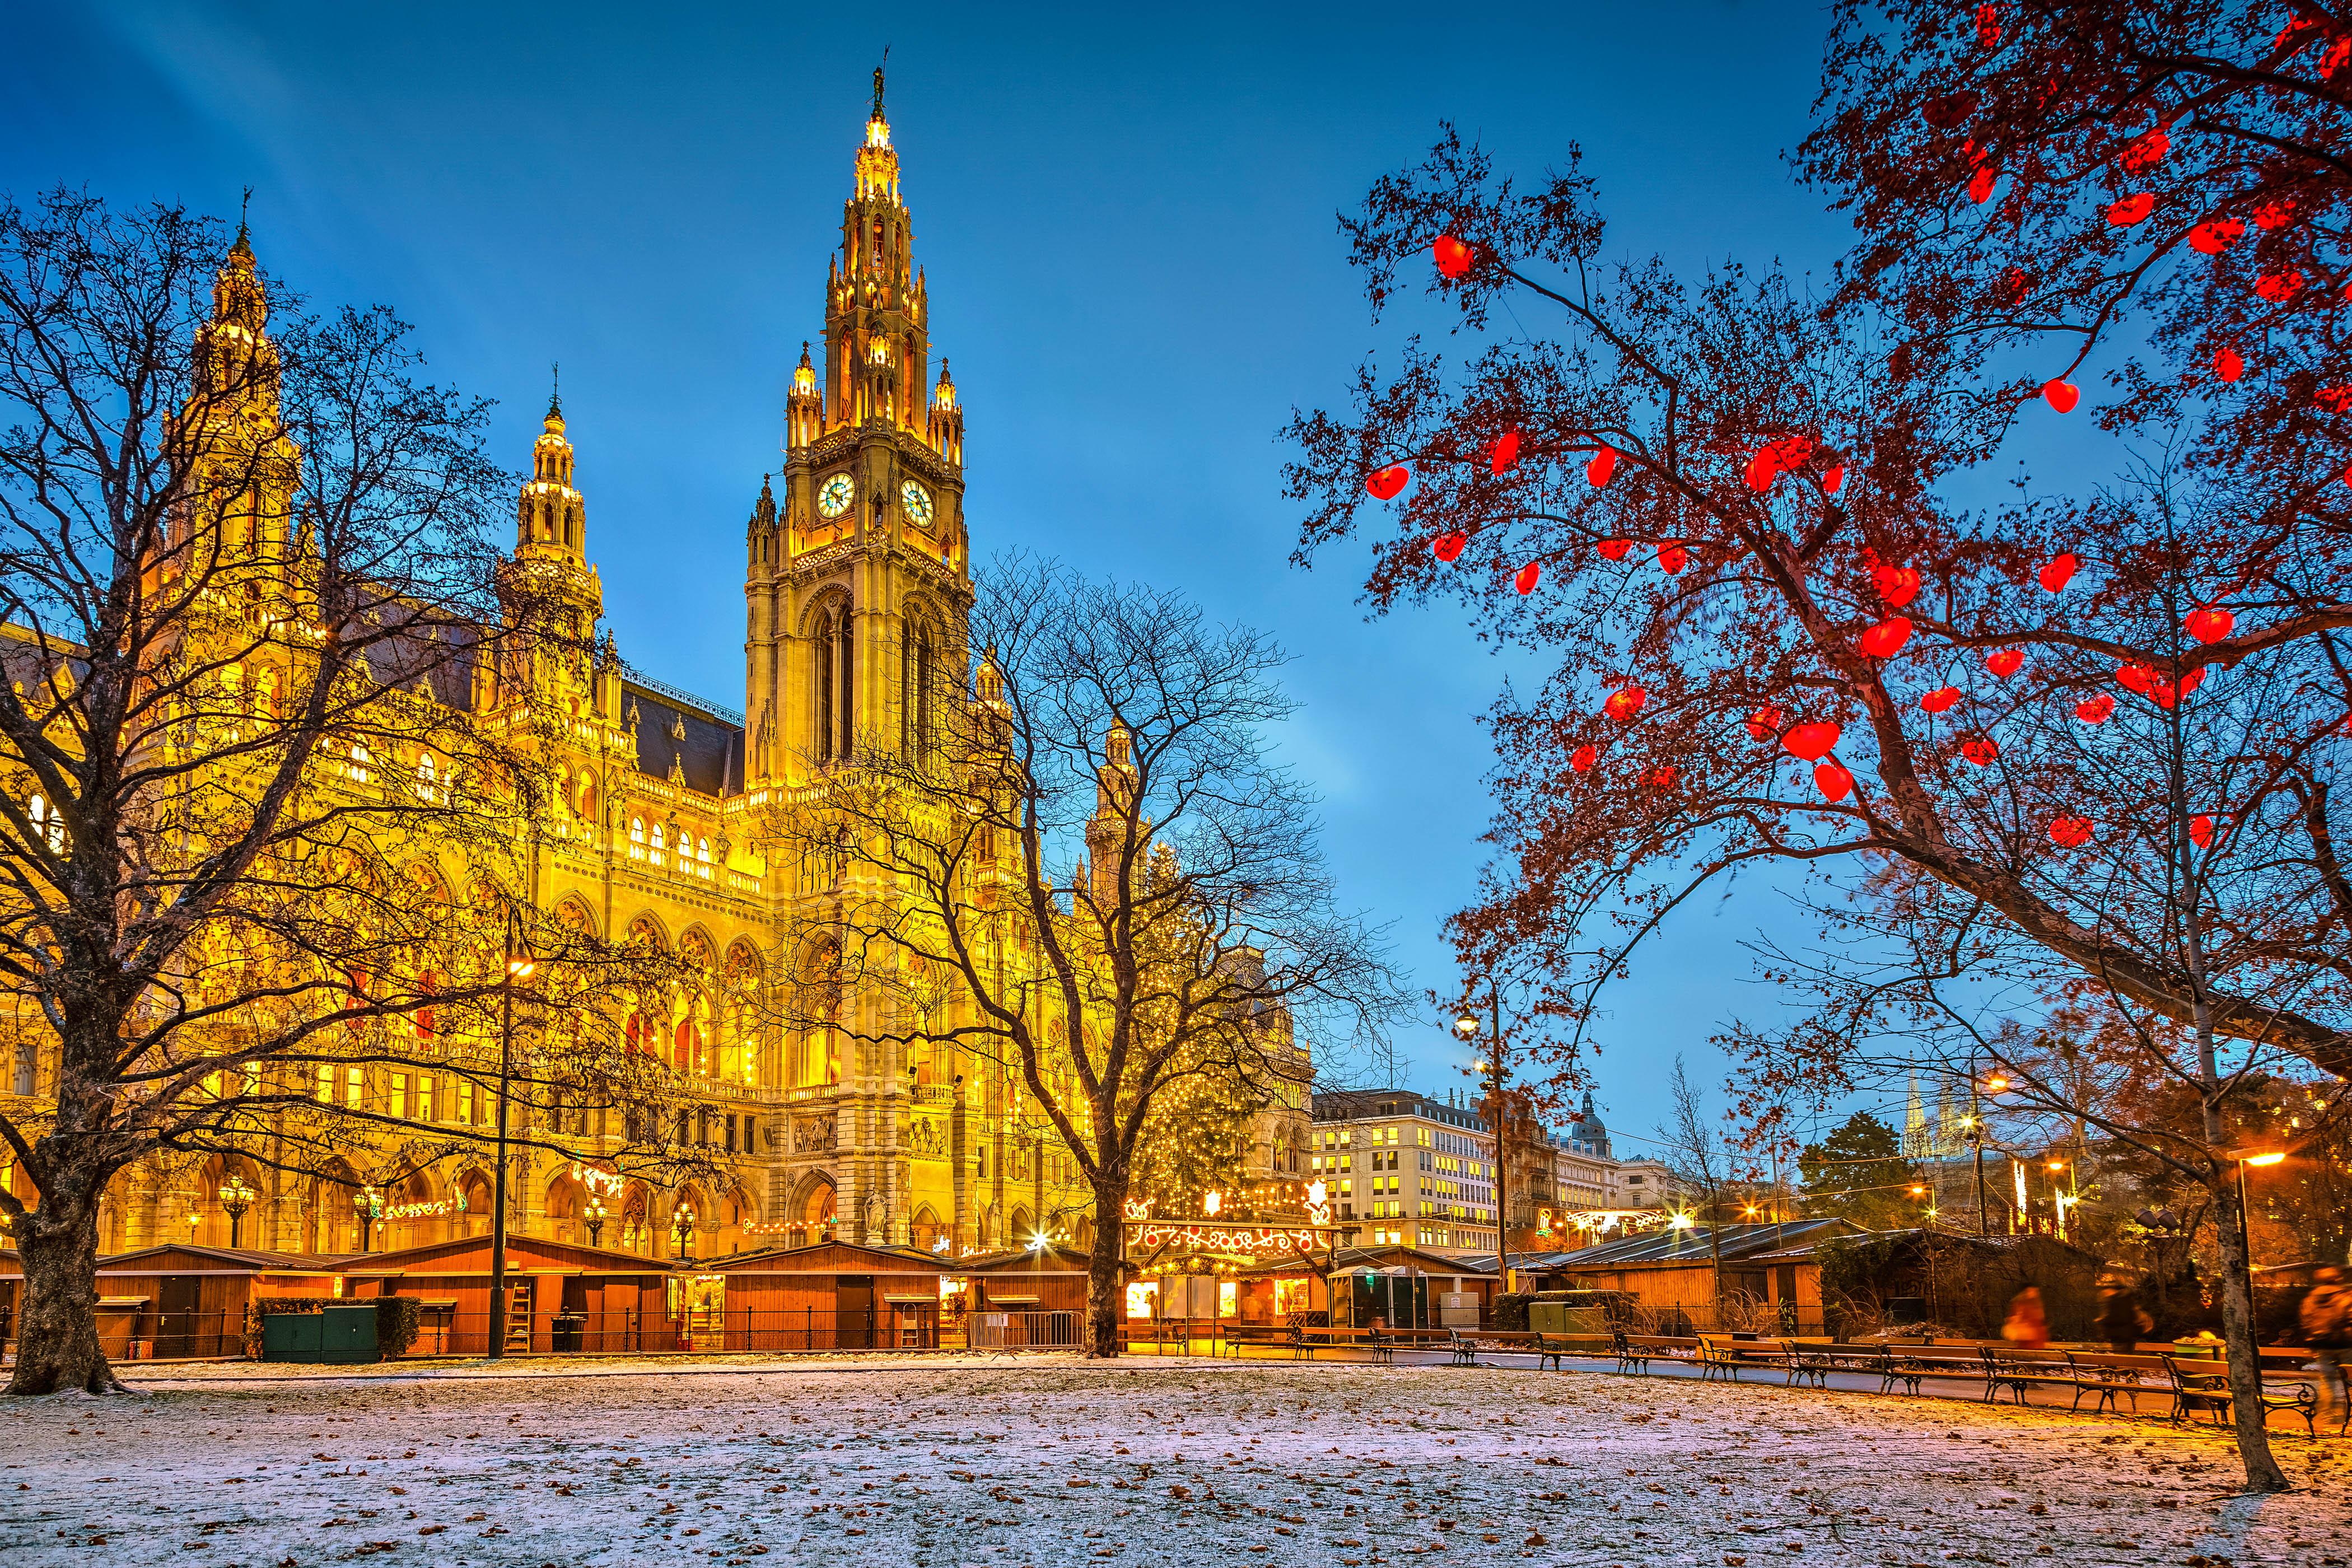 Silvester in Wien - Wiener Rathaus